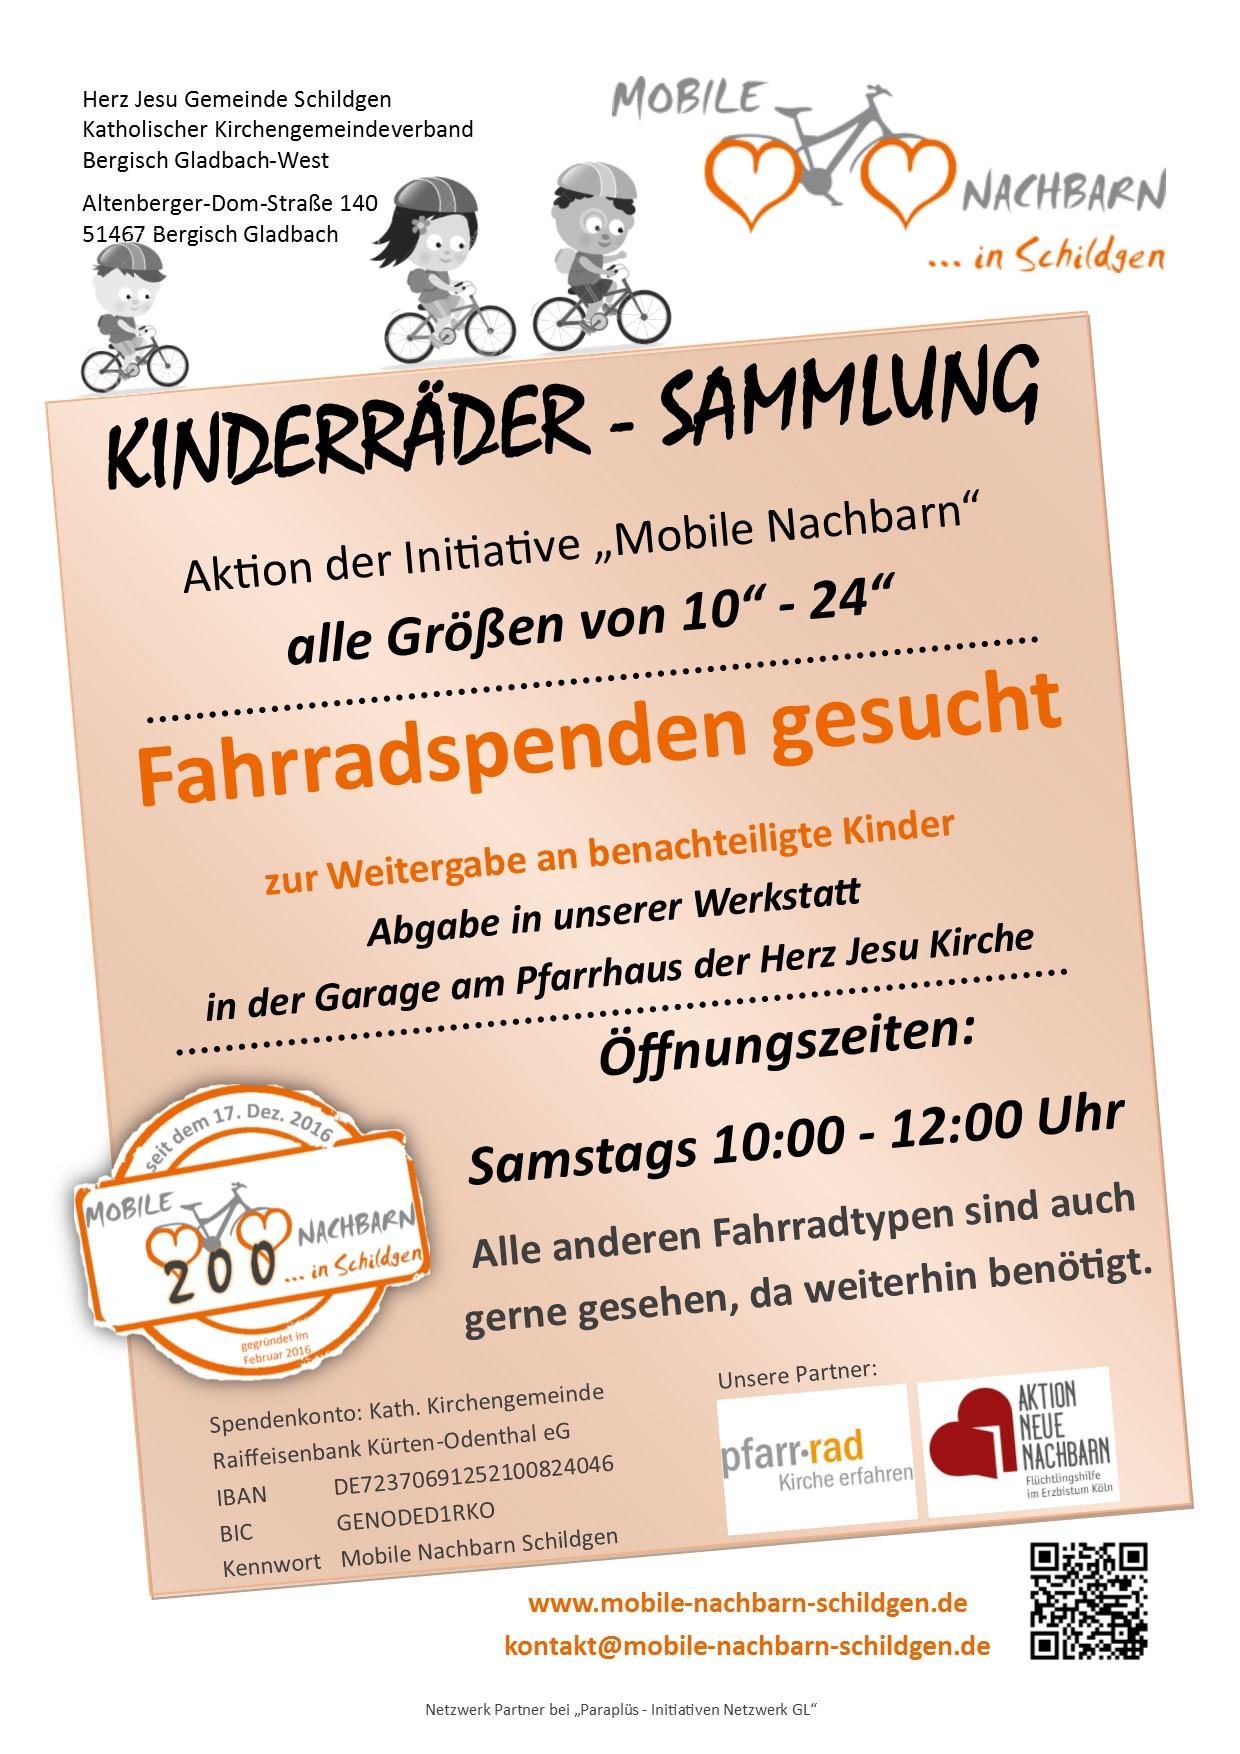 Initiative in schildgen hat 200 nachbarn mobil gemacht b rgerportal bergisch gladbach - Mobel bergisch gladbach ...